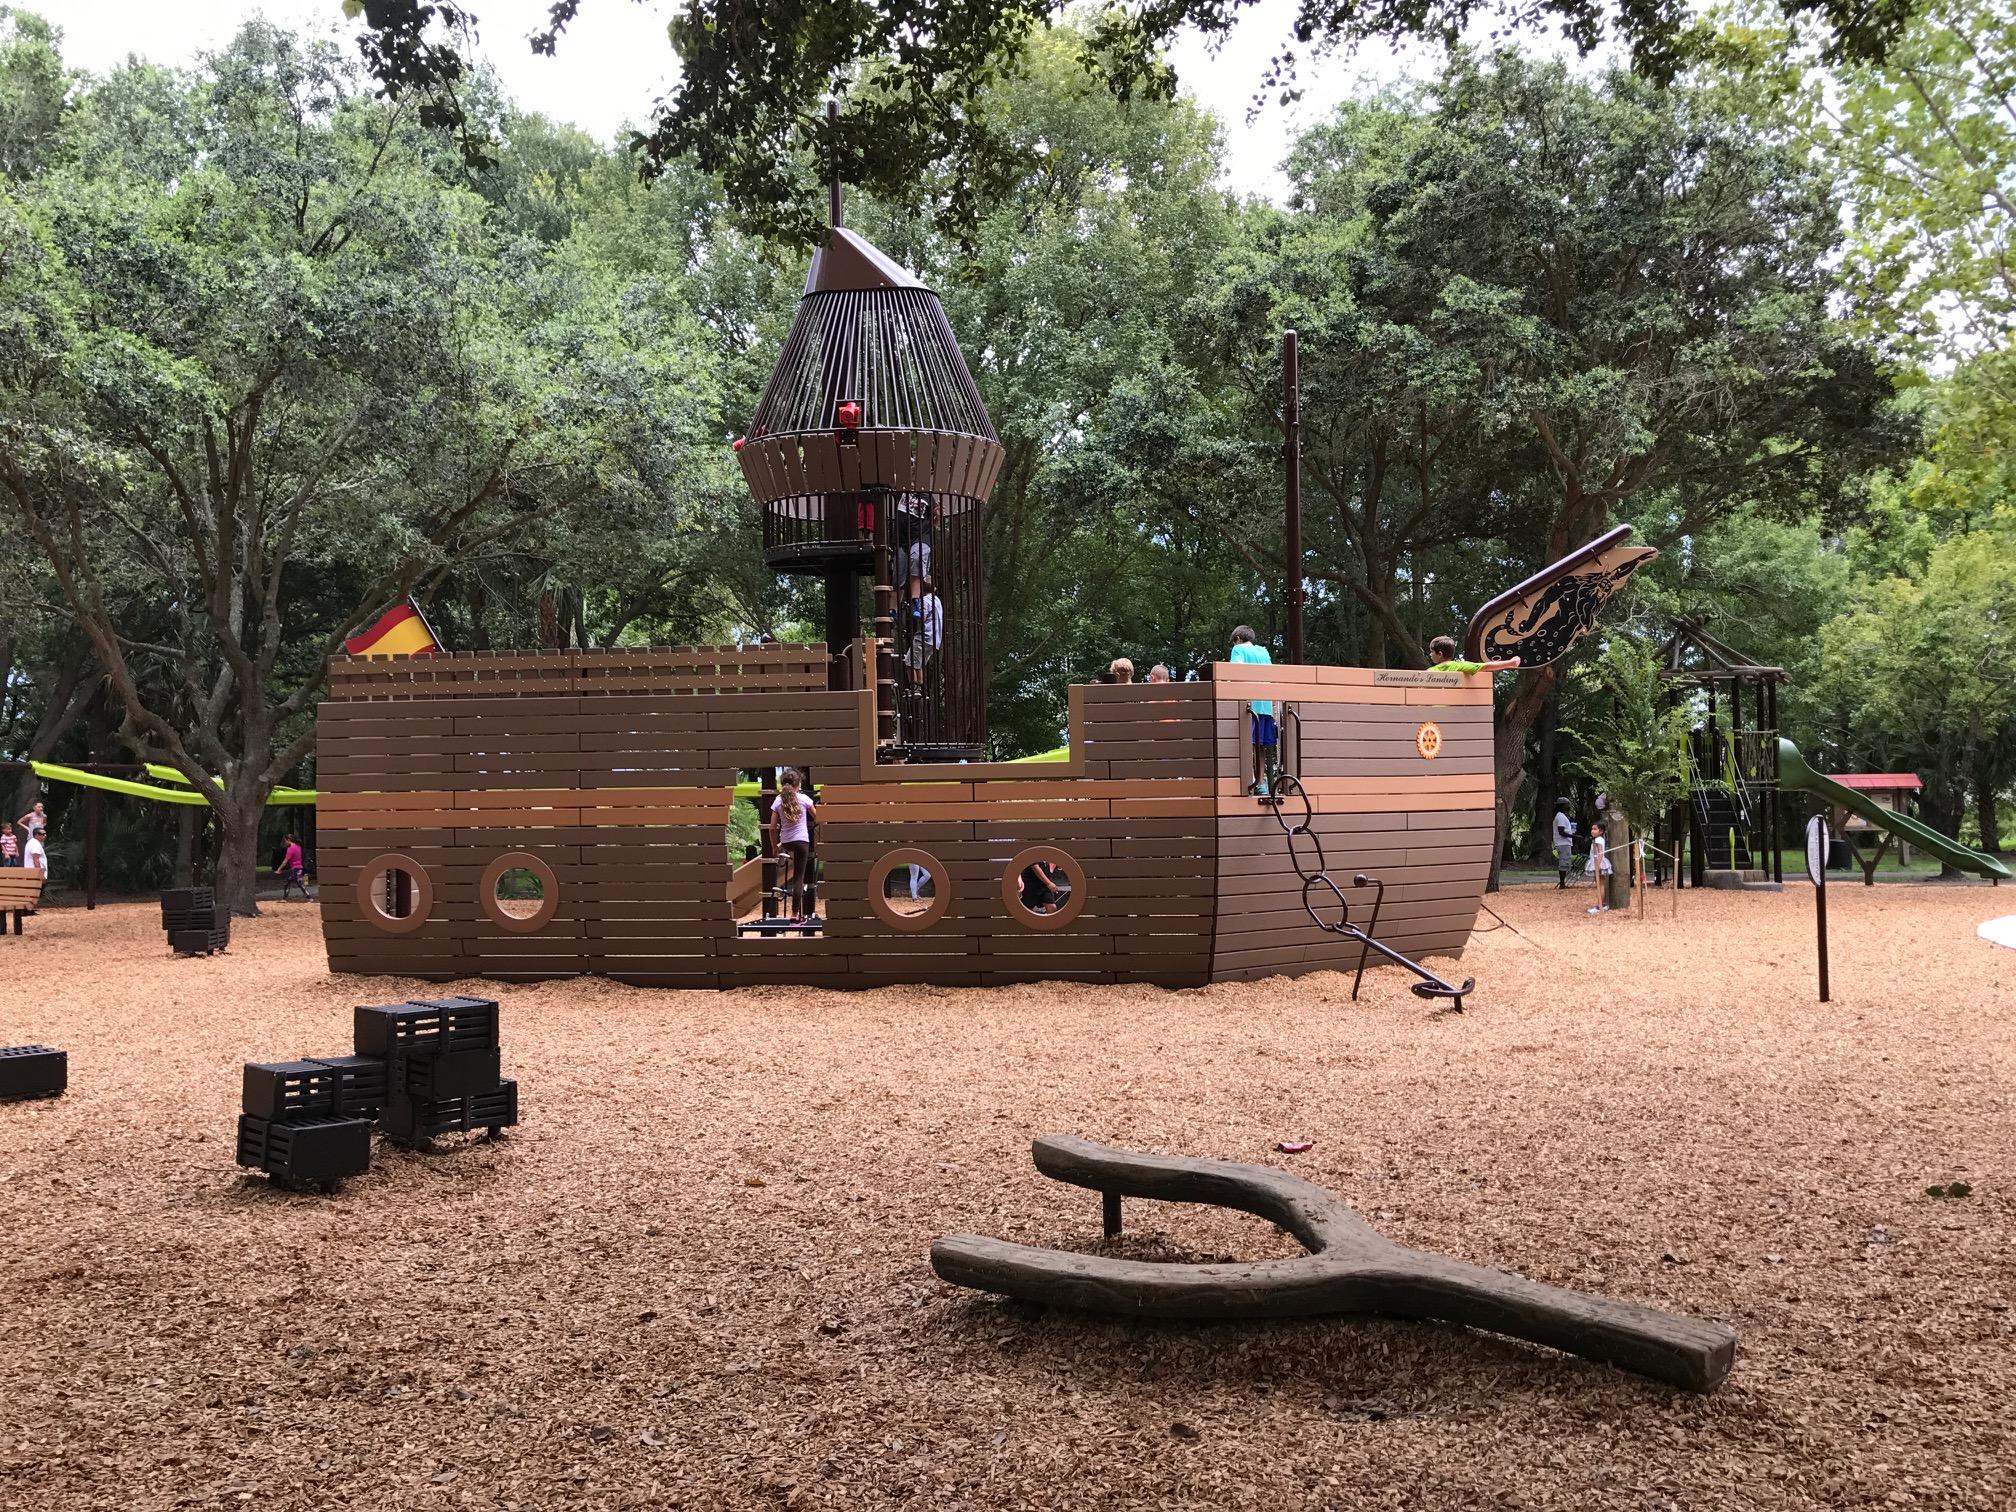 Rotary Lake Parker Lakeland Playground